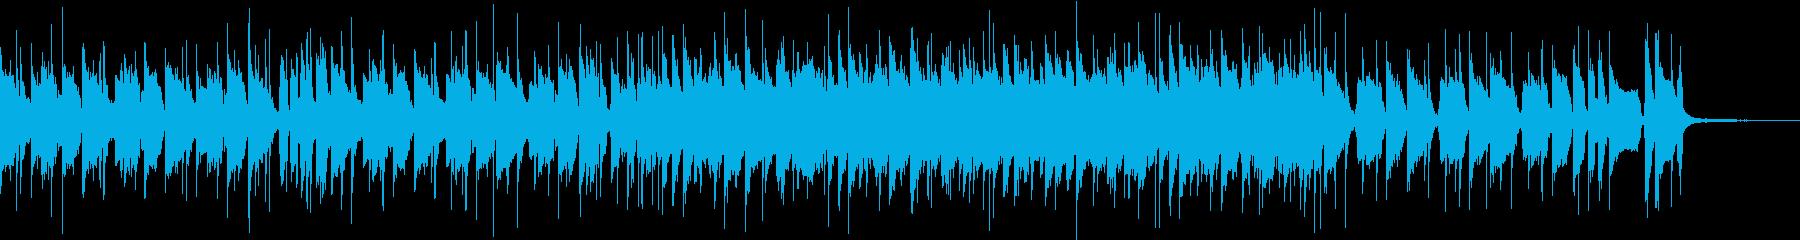 まったりゆったり系ファンクポップスの再生済みの波形